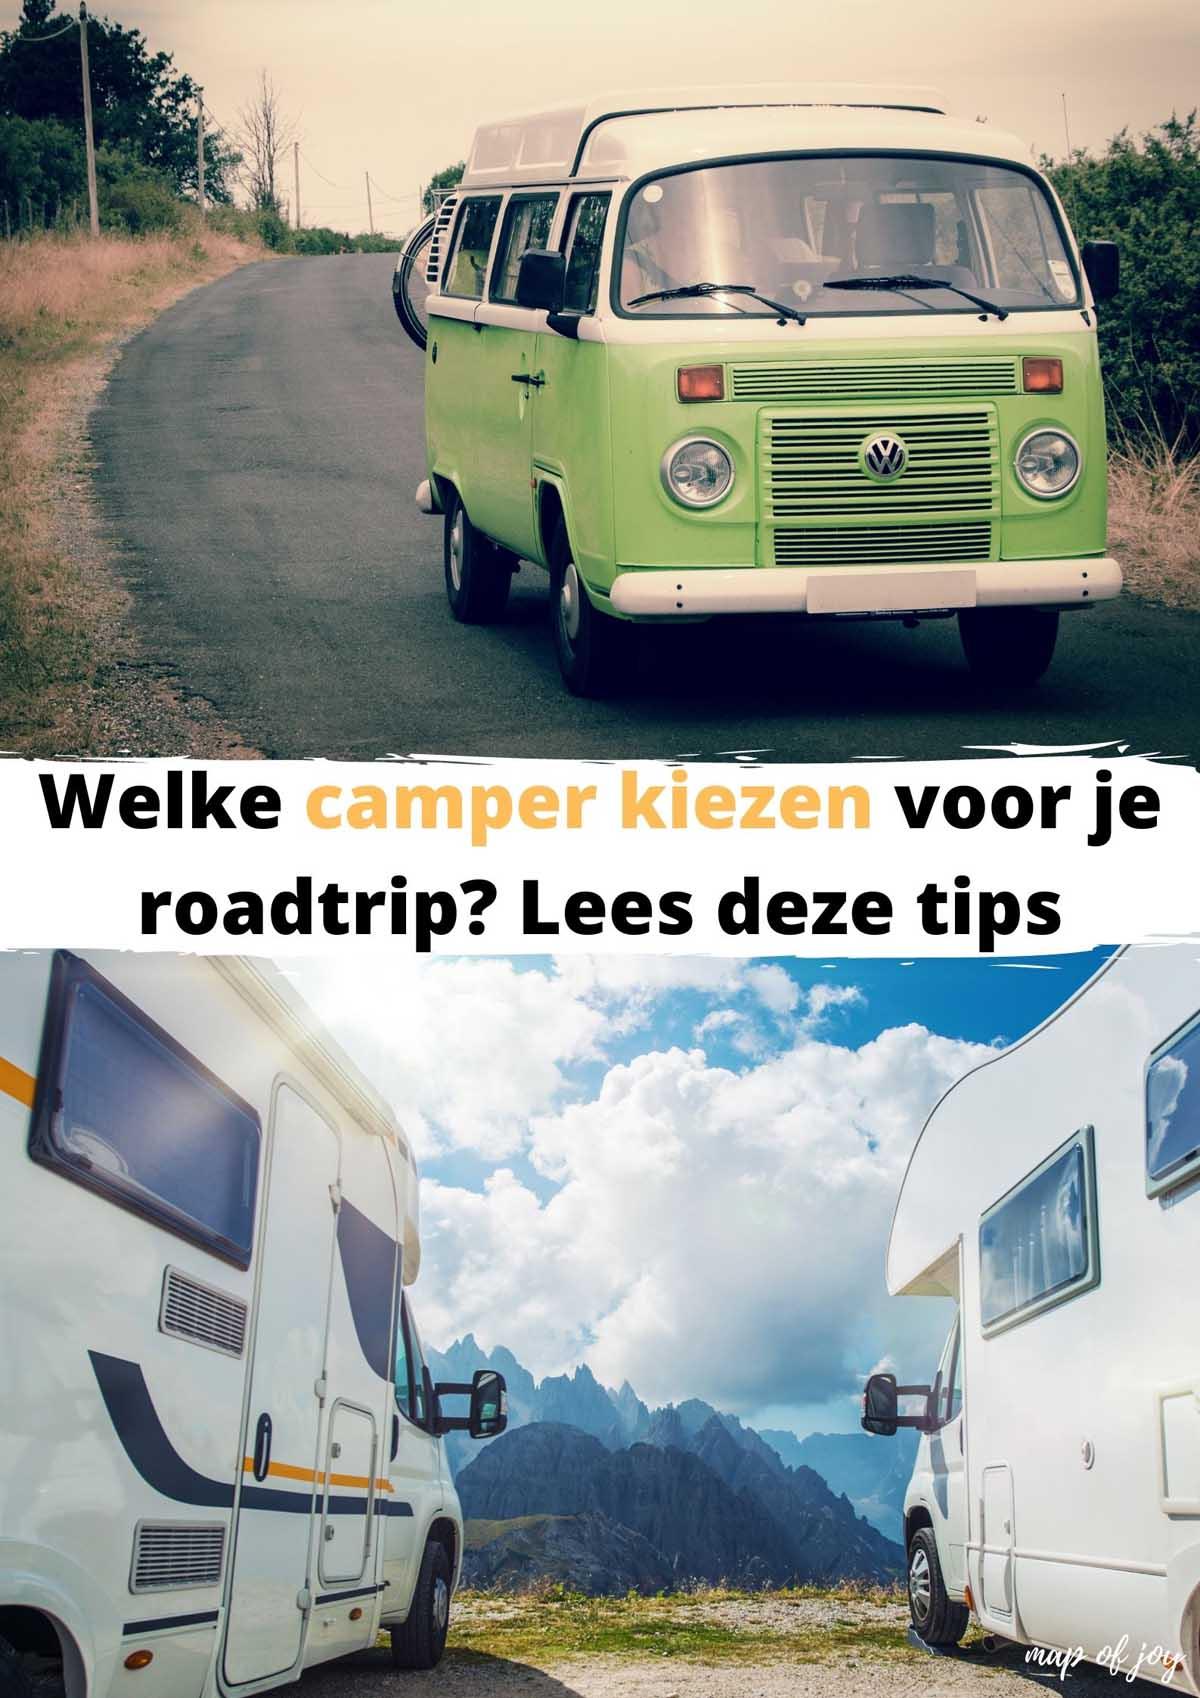 Welke camper kiezen voor je roadtrip? Lees deze tips